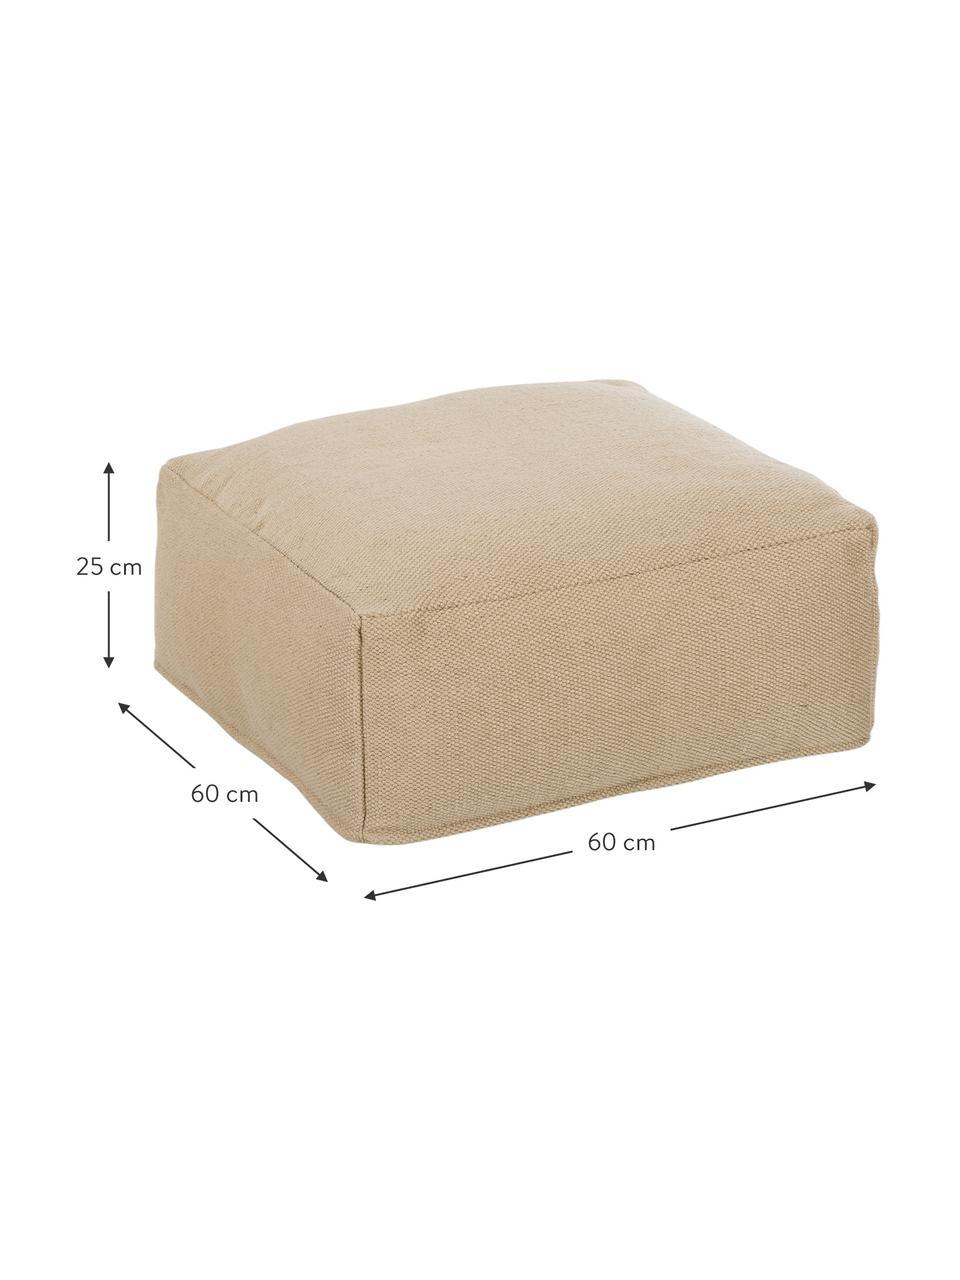 Poduszka podłogowa wewnętrzna/zewnętrzna Khela, Tapicerka: 100% poliester z recyklin, Beżowy, S 60 x W 25 cm